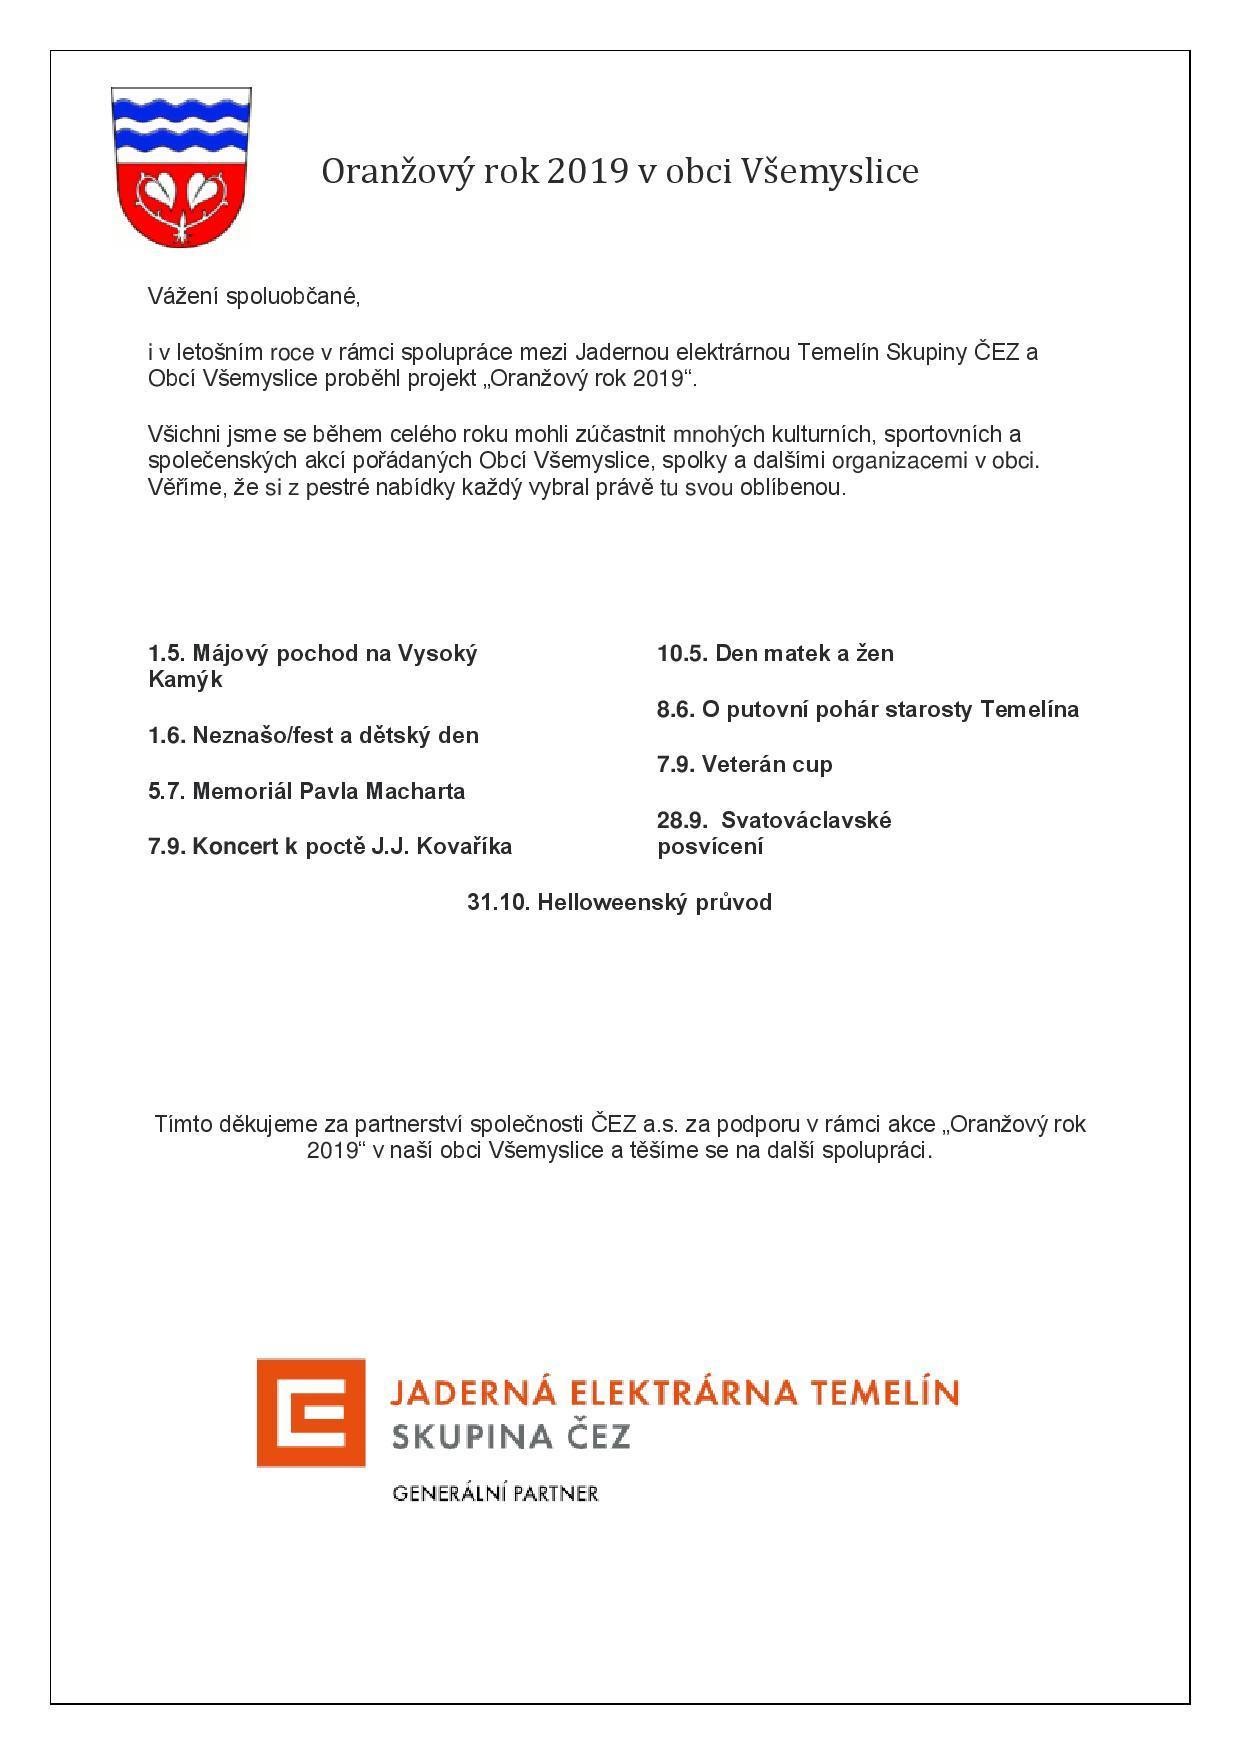 Seznam akcí a poděkování skupině ČEZ za finanční podporu.